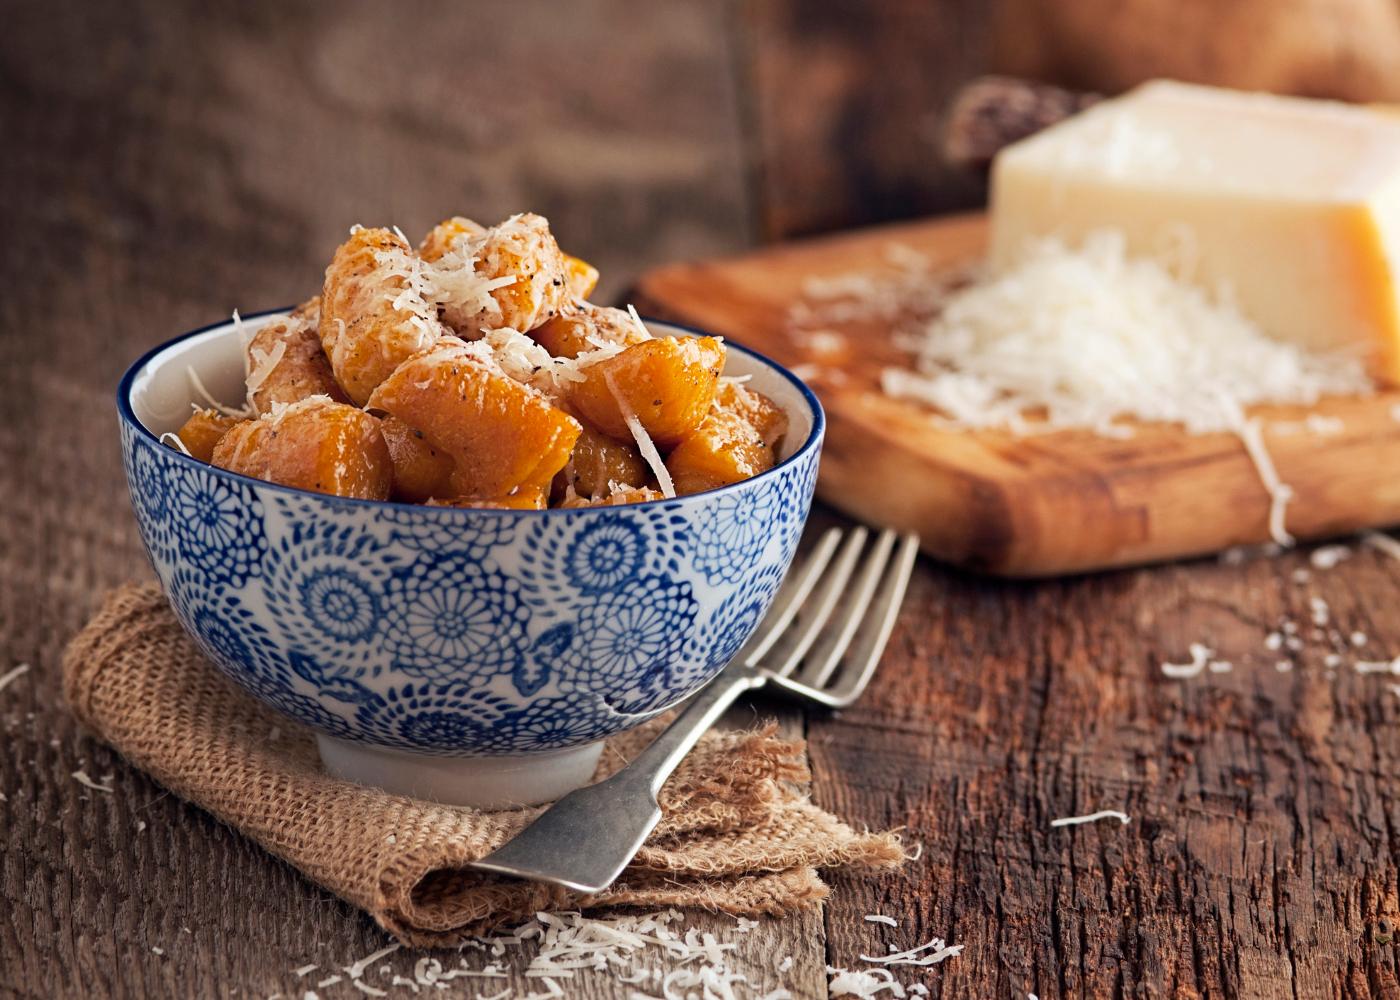 mais de 40 receitas com batata-doce deliciosas para o dia-a-dia